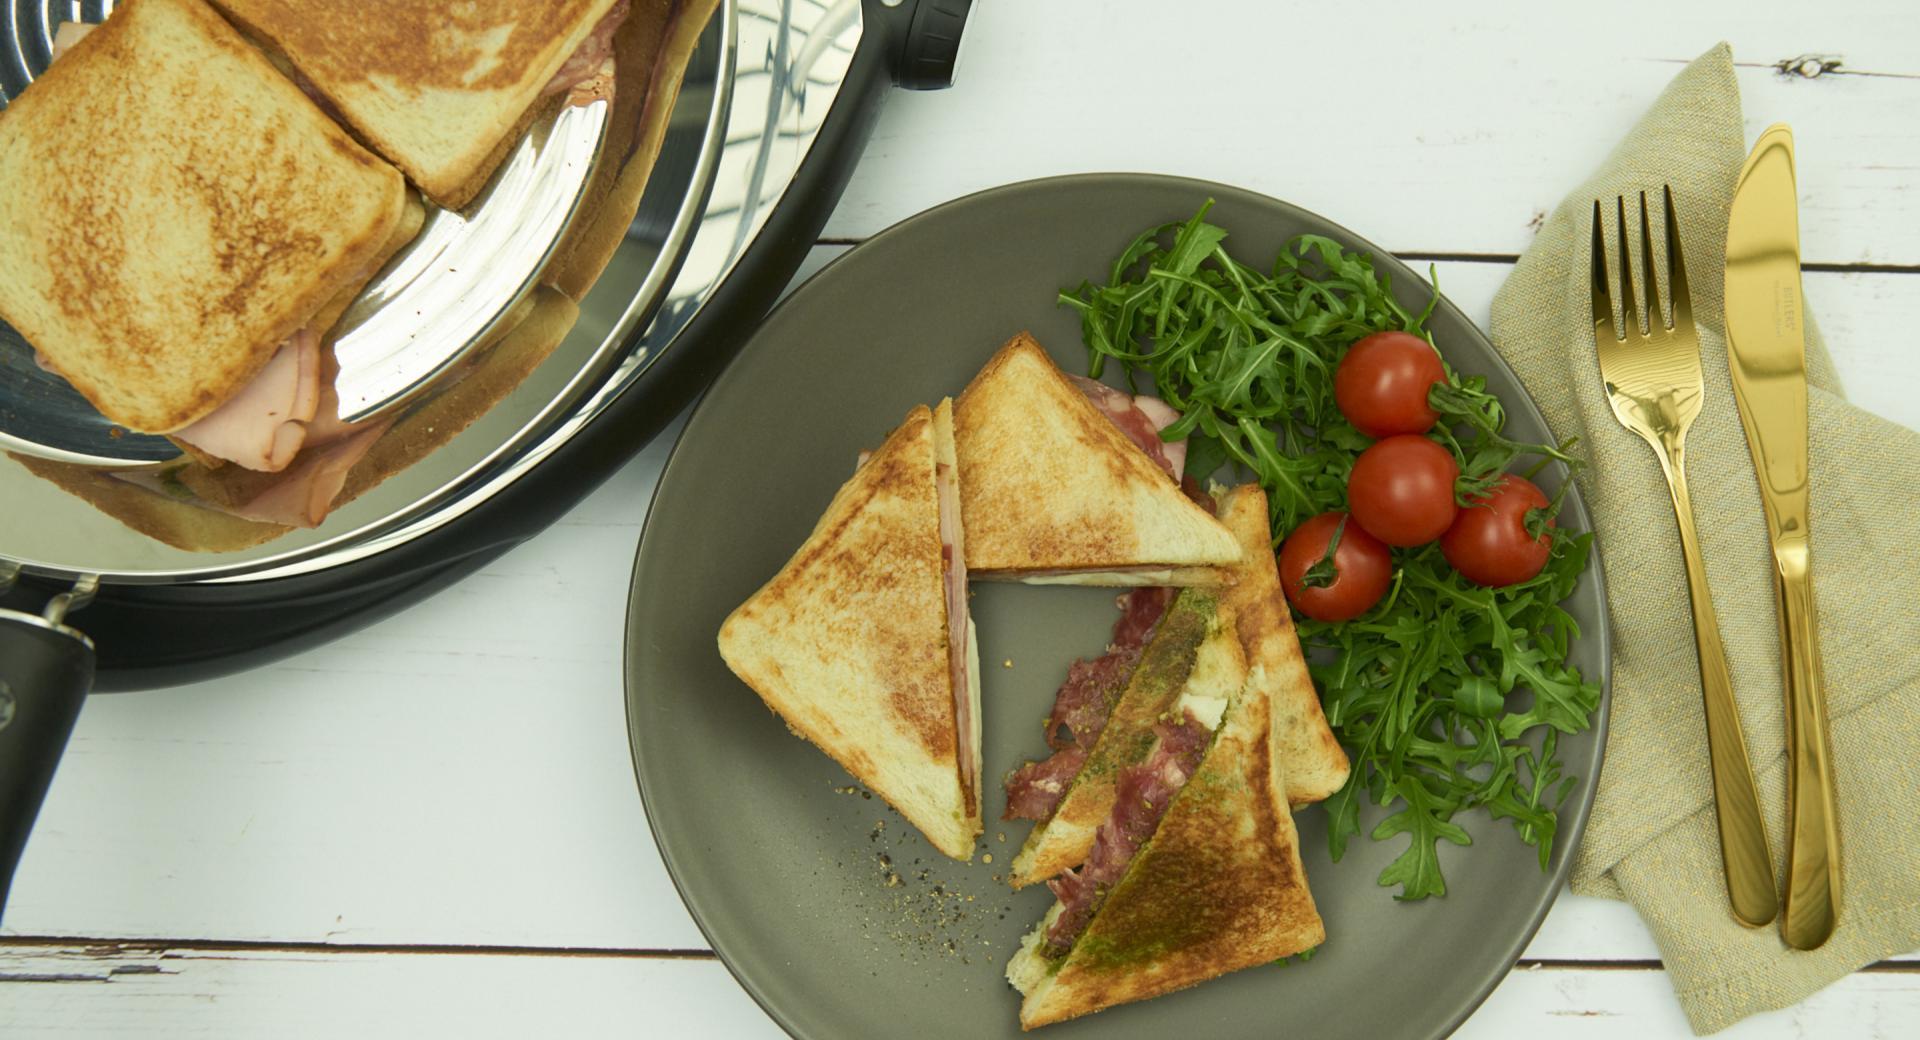 Sándwich picante Croque Monsieur